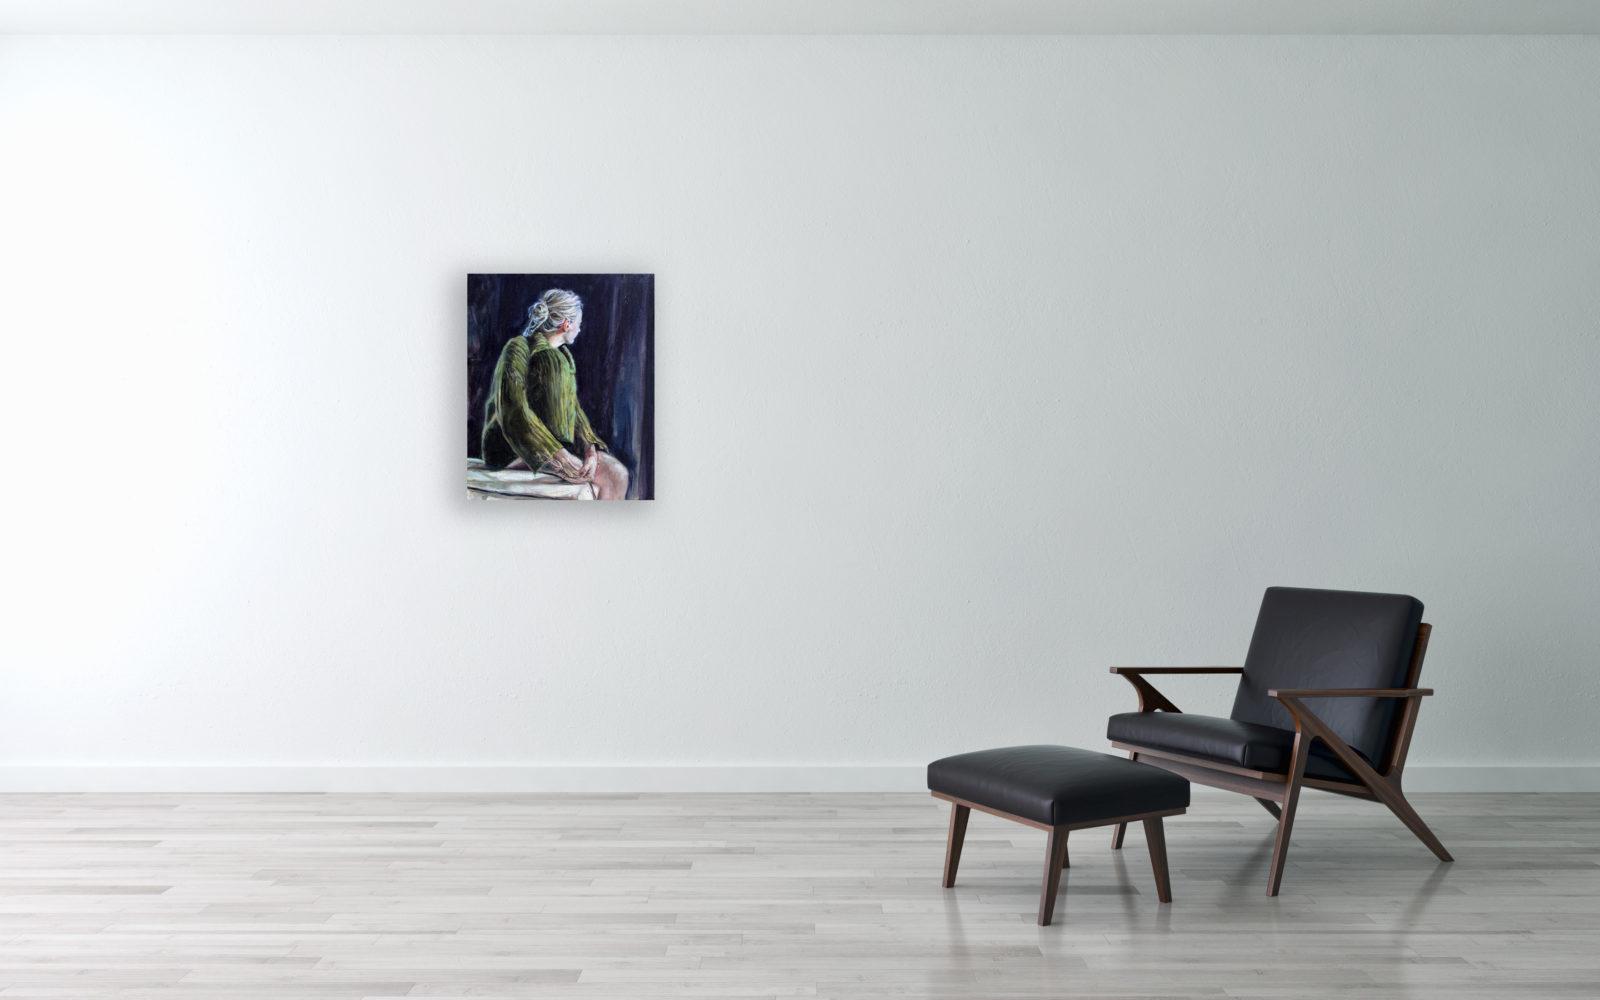 Daydreamer - olie op doek - 50 x 60 cm